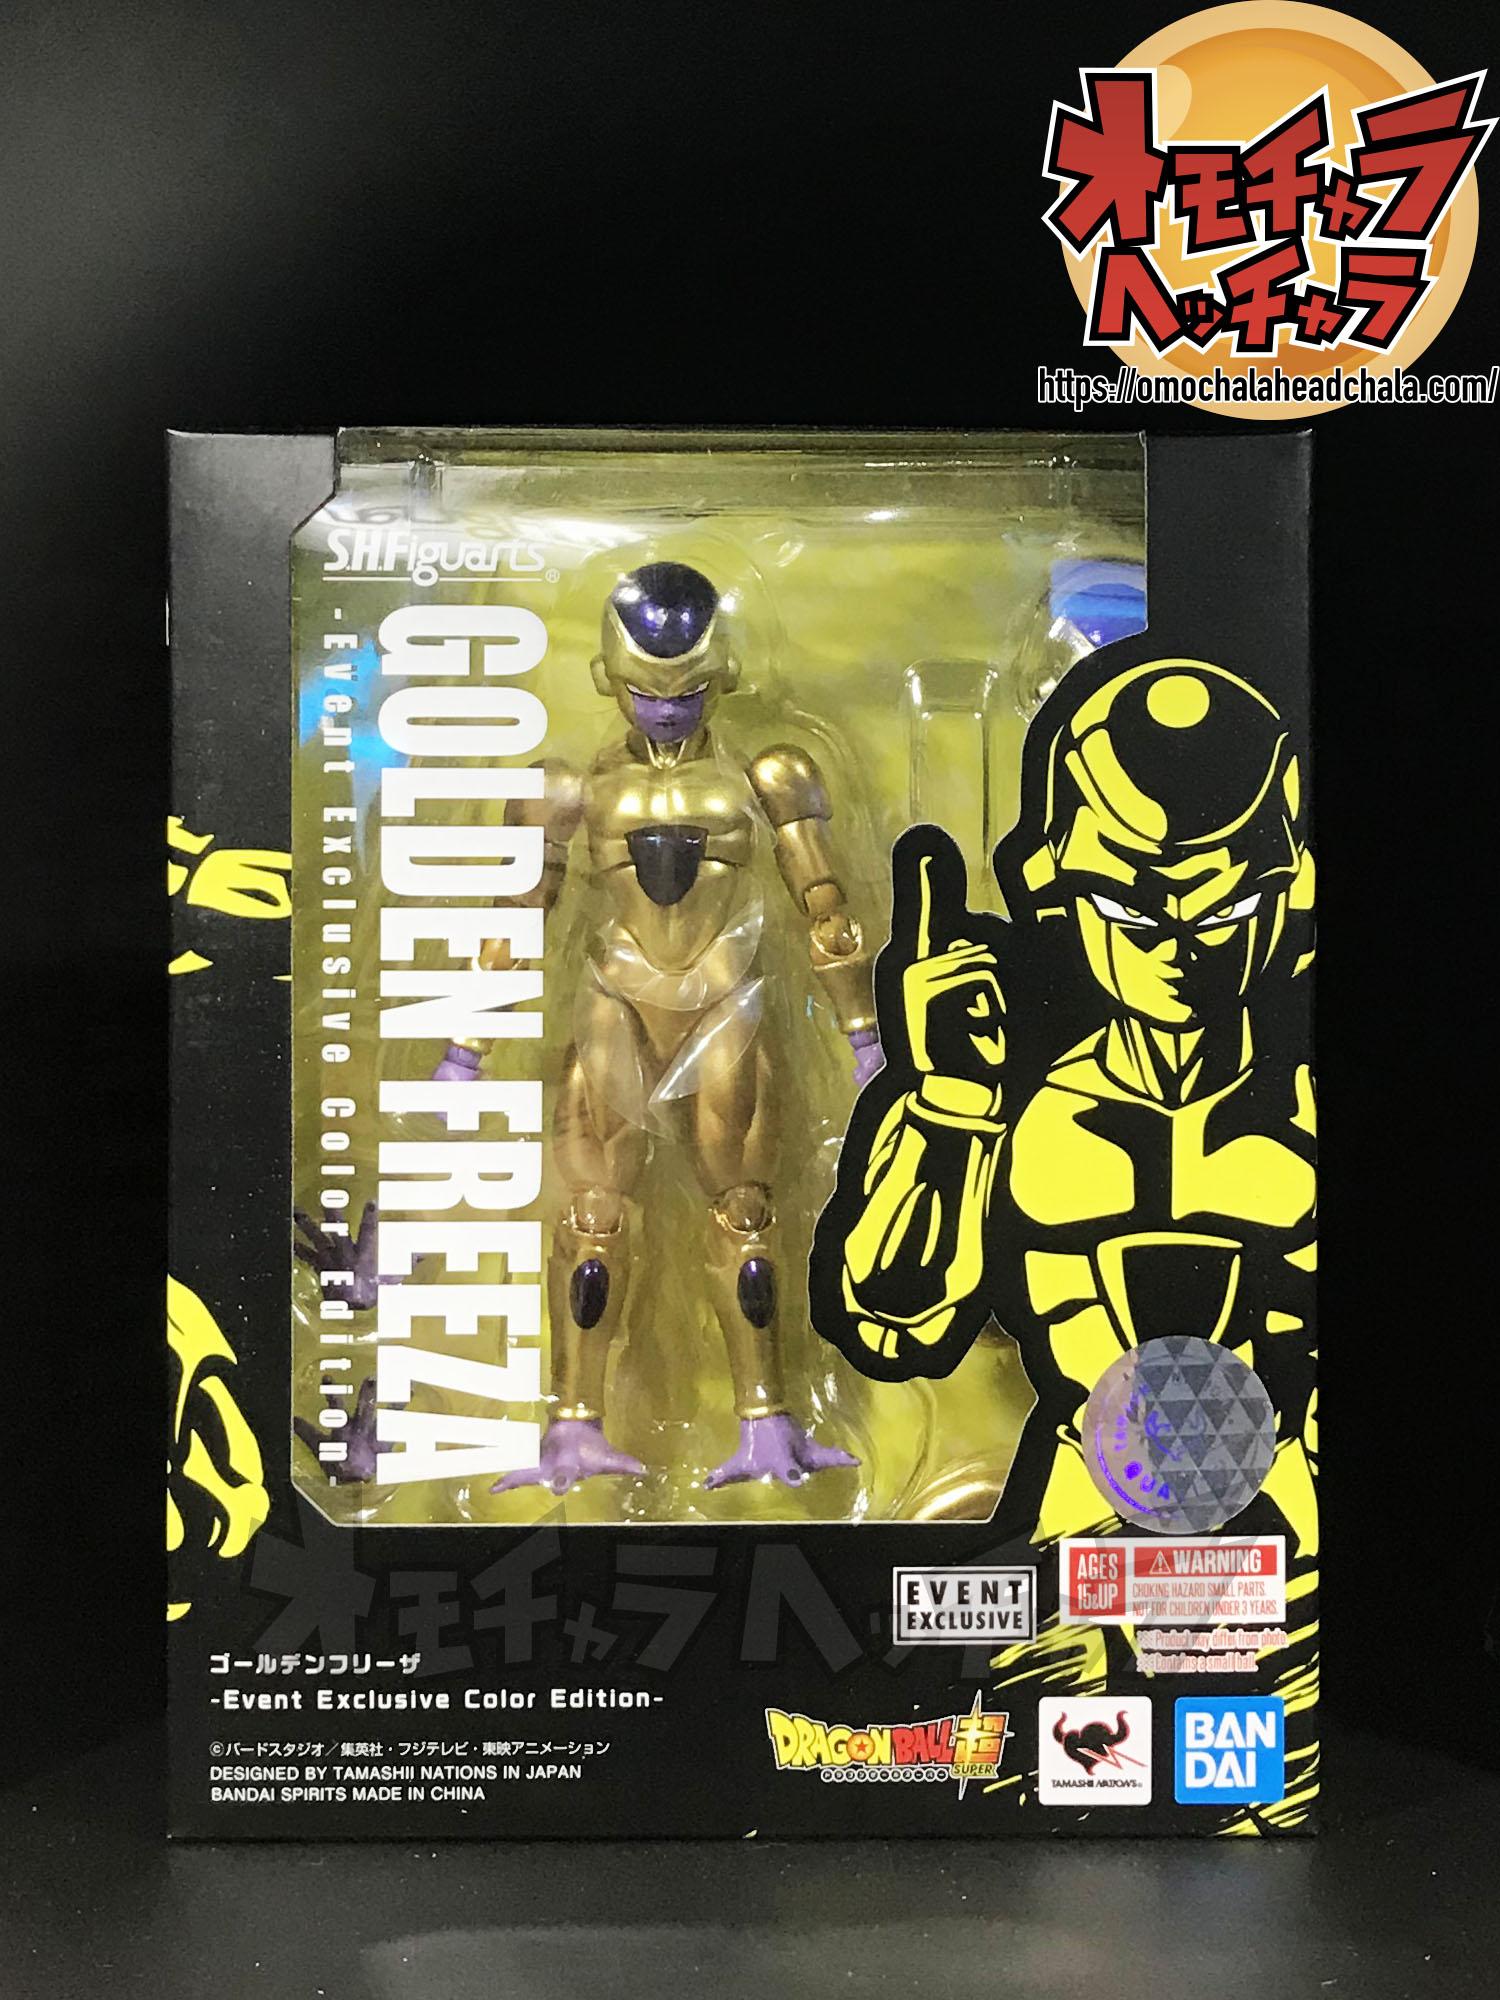 ドラゴンボールフィギュアレビューブログの魂ネイション2019S.H.Figuarts GOLDEN FREEZA -Event Exclusive Color Edition-(ゴールデンフリーザ)